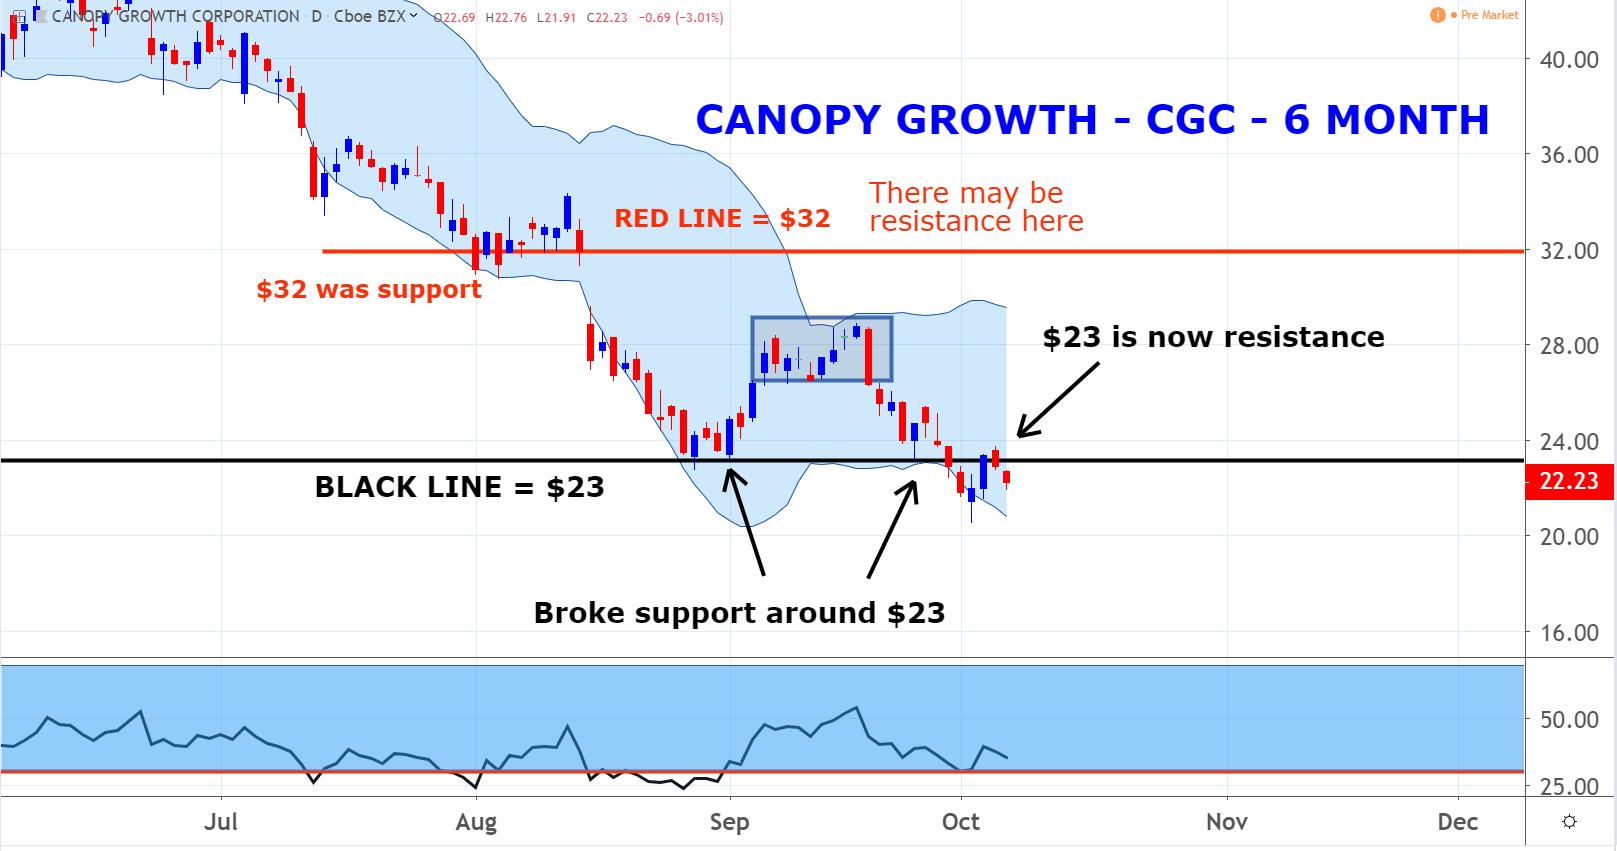 Canopy Growth Corp (CGC)